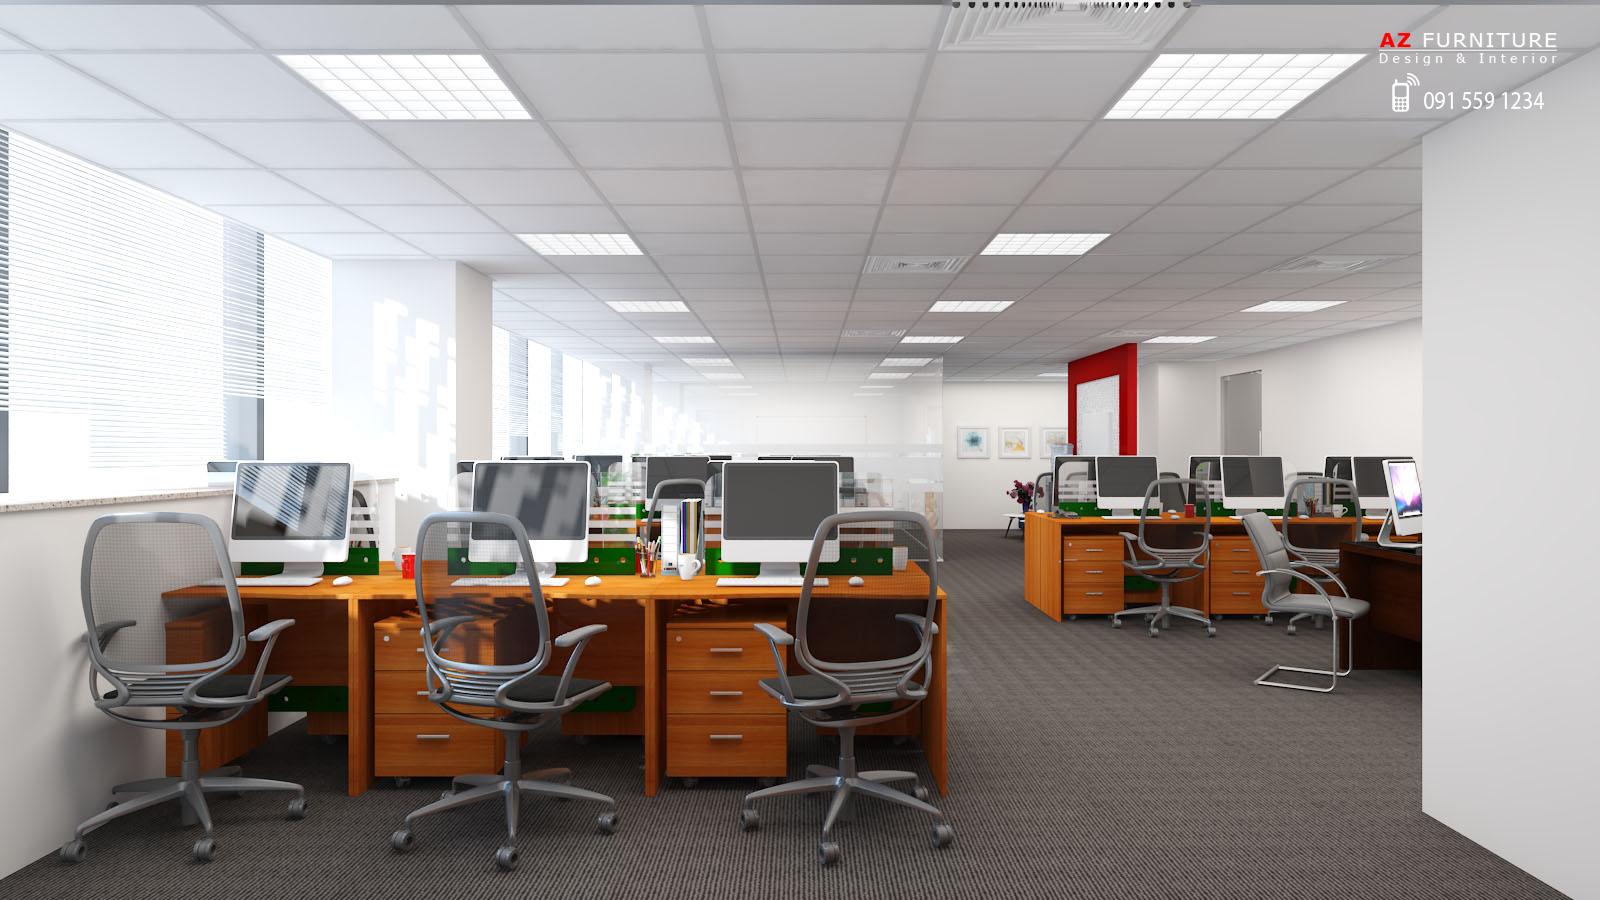 Tư vấn thiết kế nội thất văn phòng - Hotline: 091 559 1234